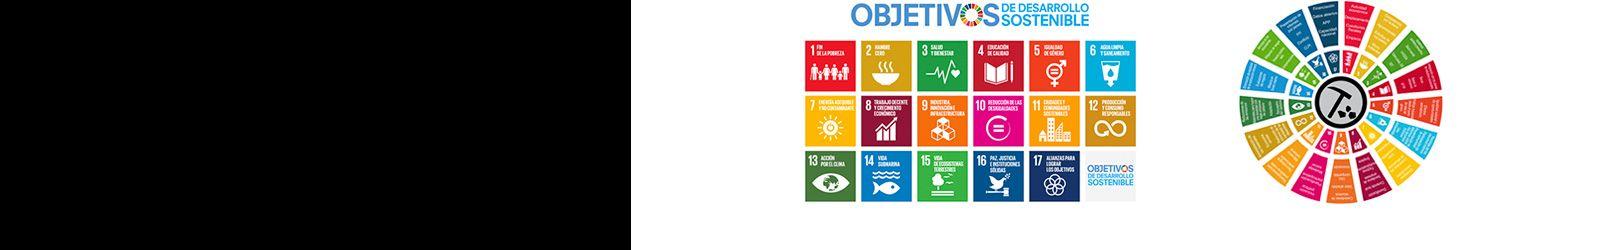 Mineria y los objetivos de desarrollo sostenible